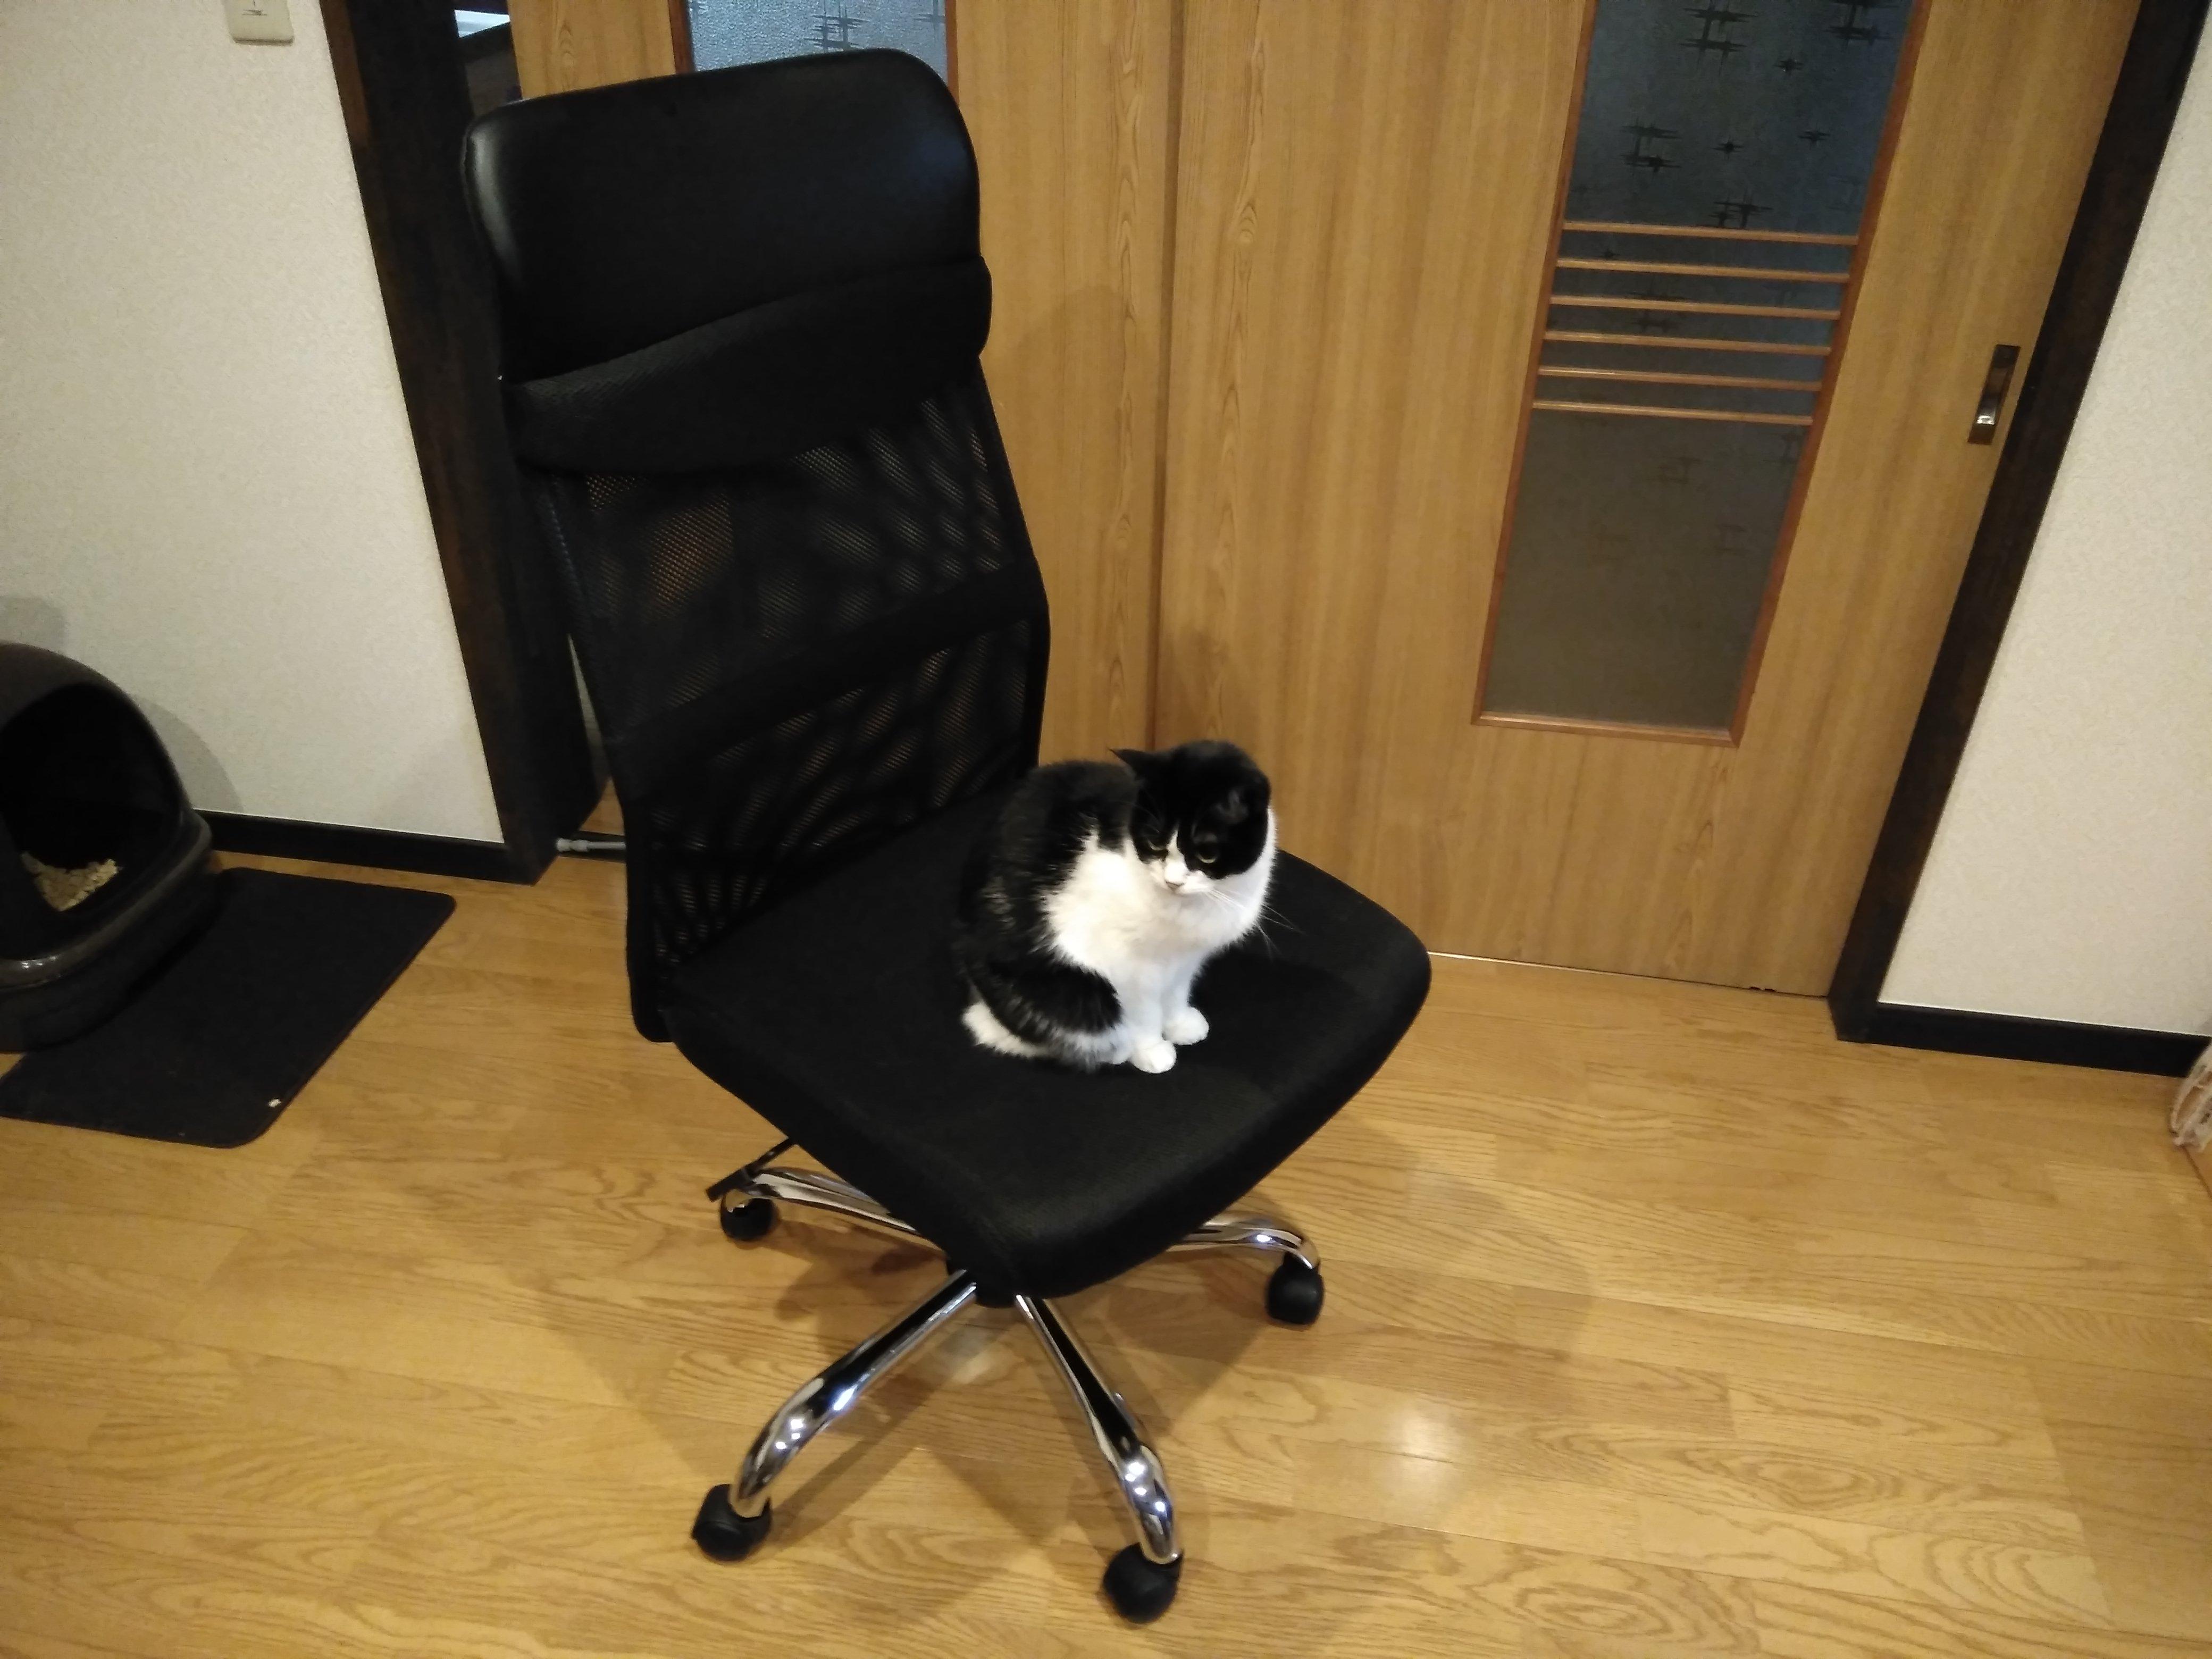 DTM用の椅子が5000円!?タンスのゲン G-AIRハイバックオフィスチェアがおすすめ&コスパ高すぎたレビュー